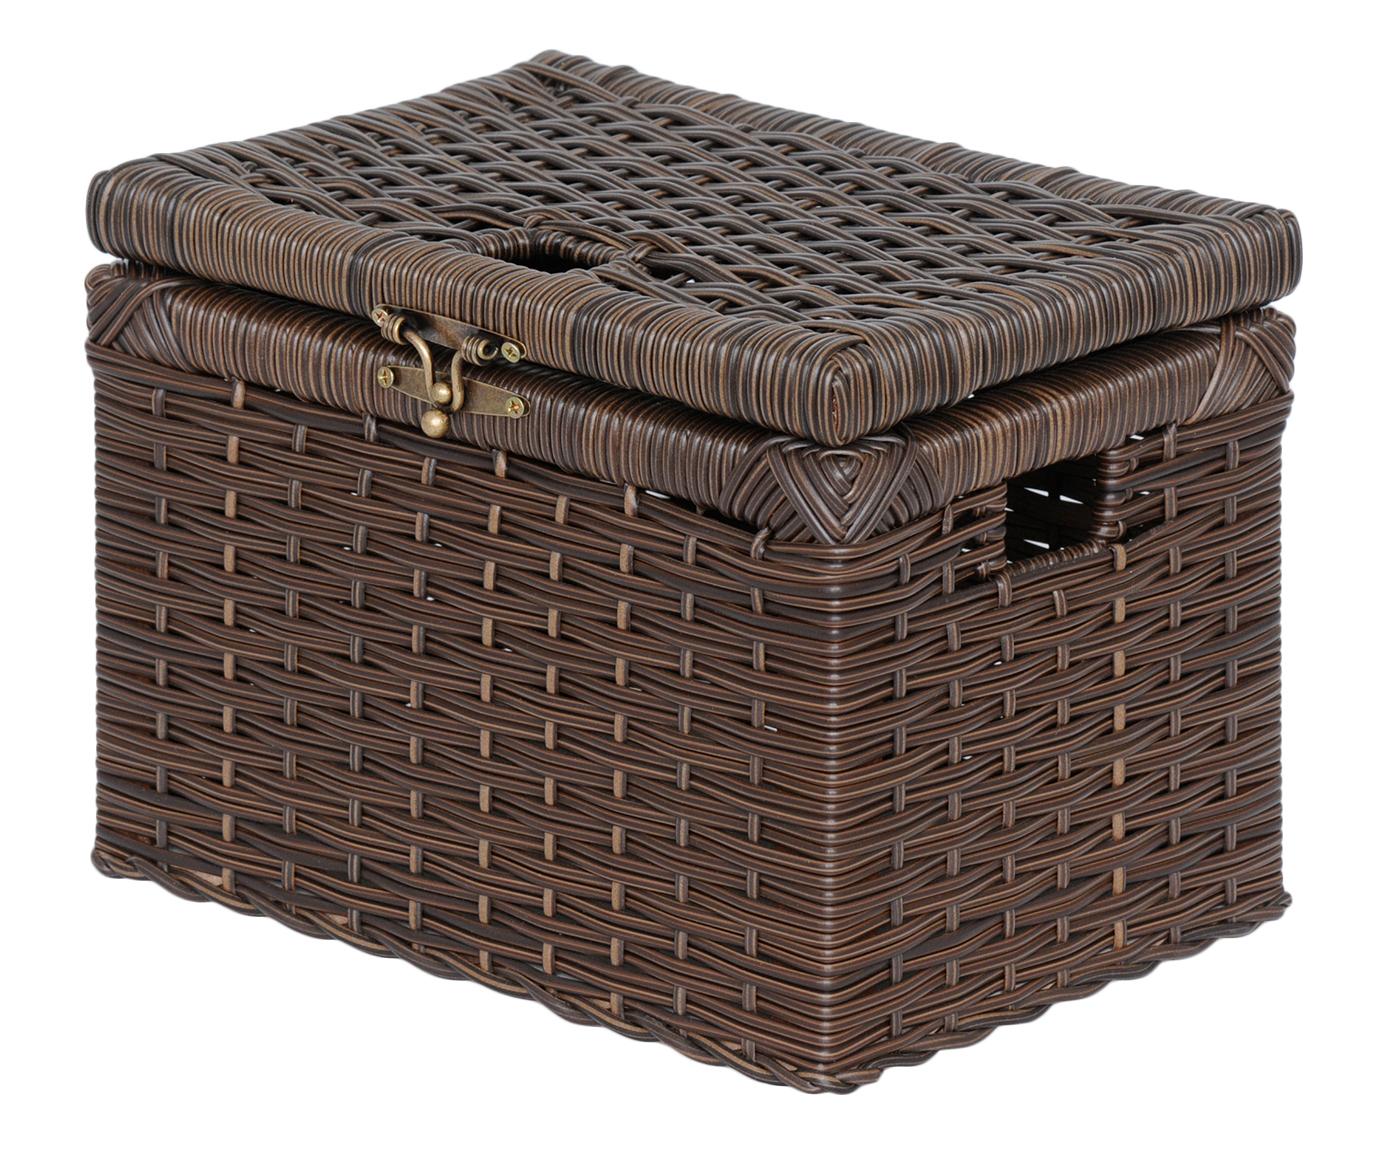 caixa cesta com tampa fibra sintetica decoracao caixa cesta com tampa  #826C49 1392x1152